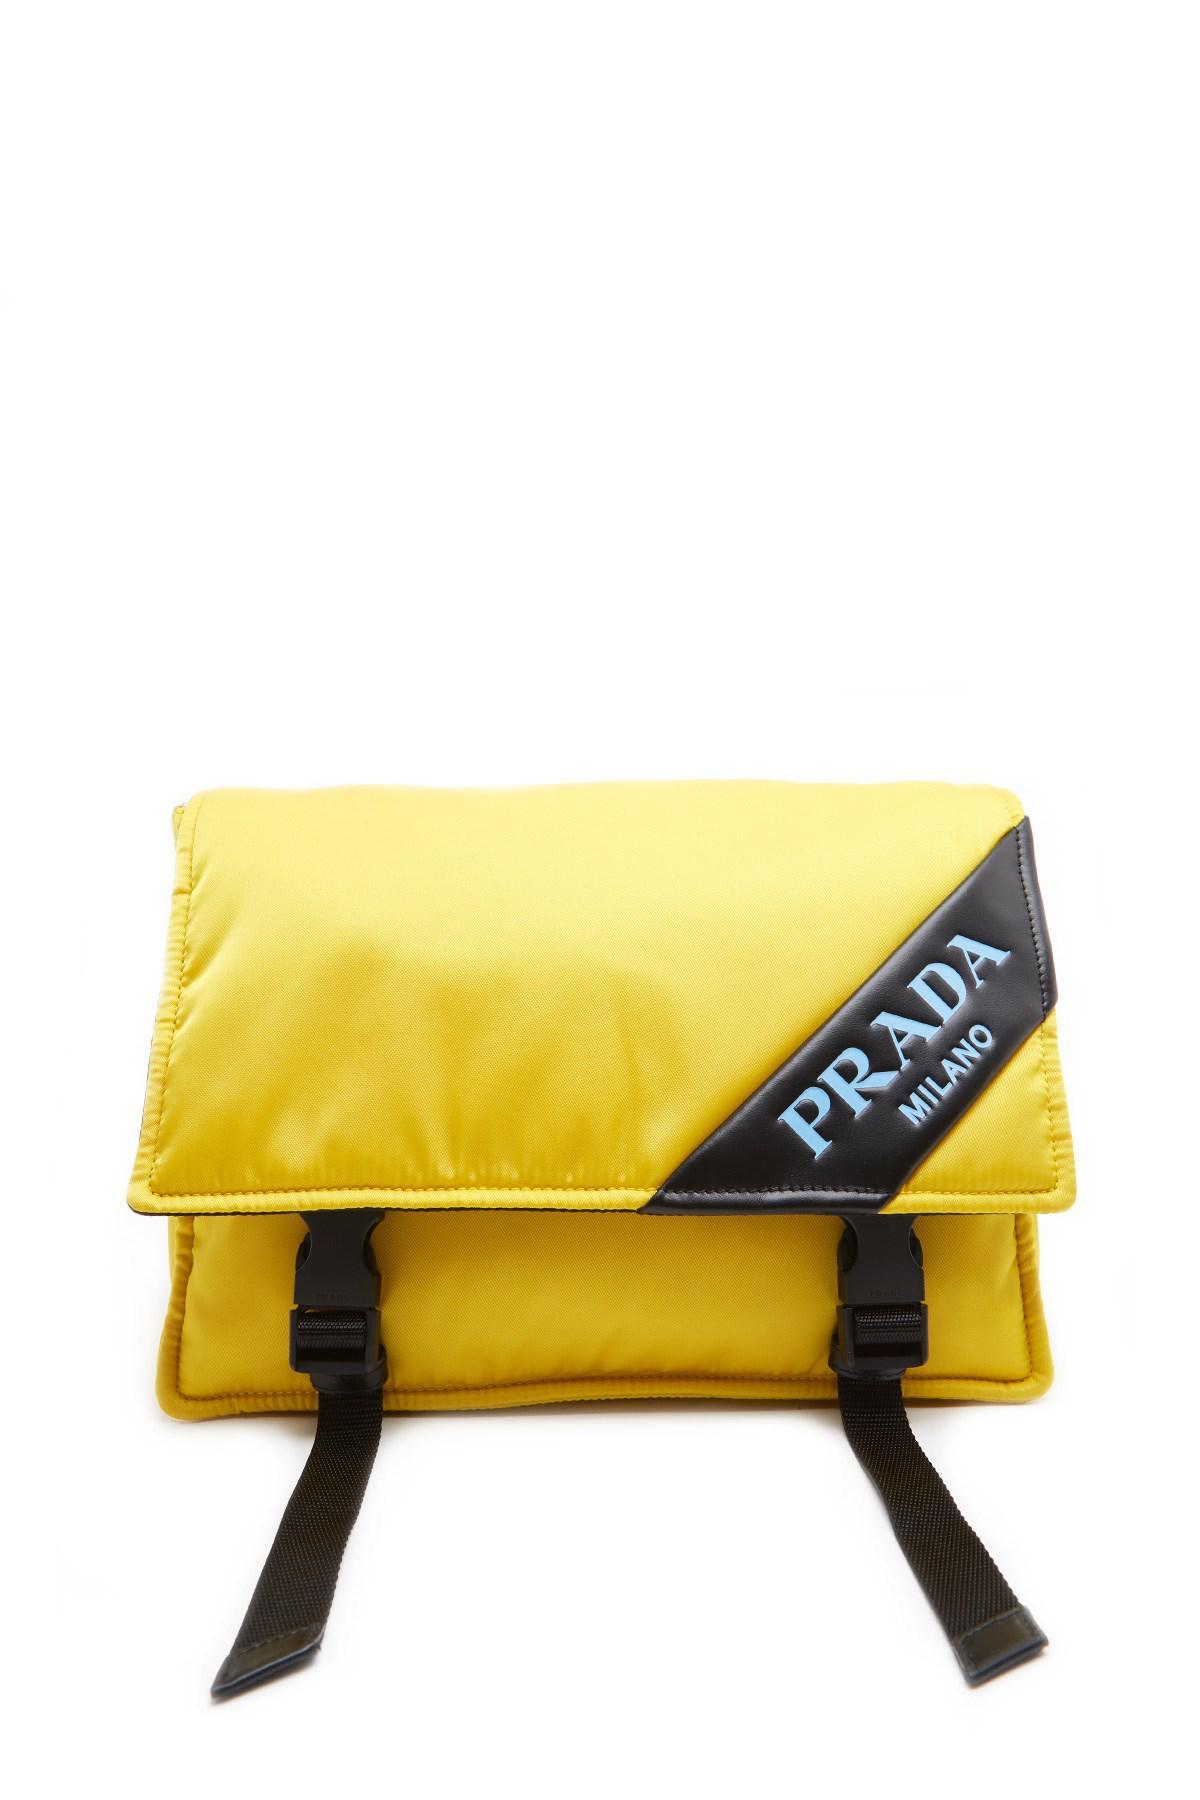 8c551d44cbba sweden prada yellow messenger crossbody bag lyst. view fullscreen 1dd10  2d685